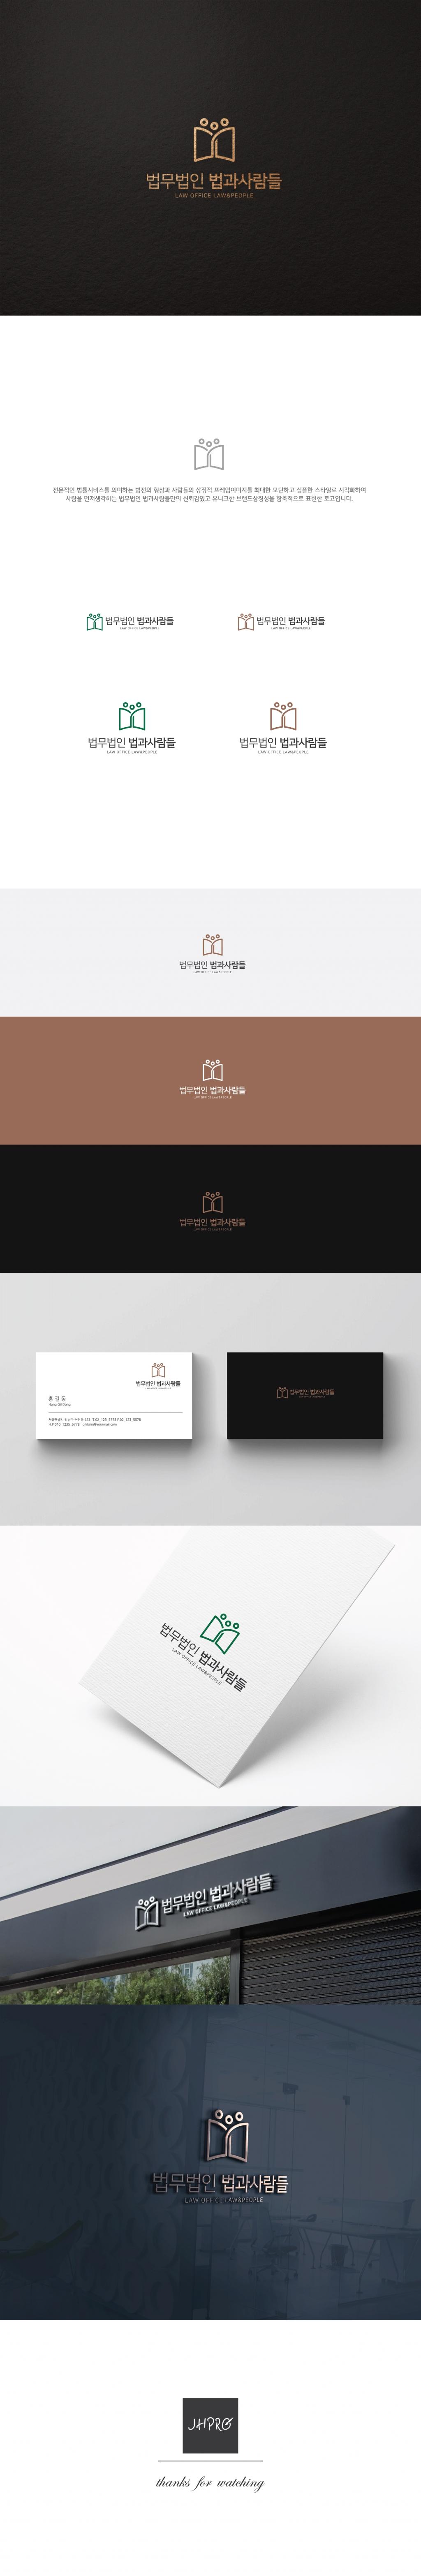 로고+명함 디자인 | 법무법인 로고 디자인 의뢰 | 라우드소싱 포트폴리오